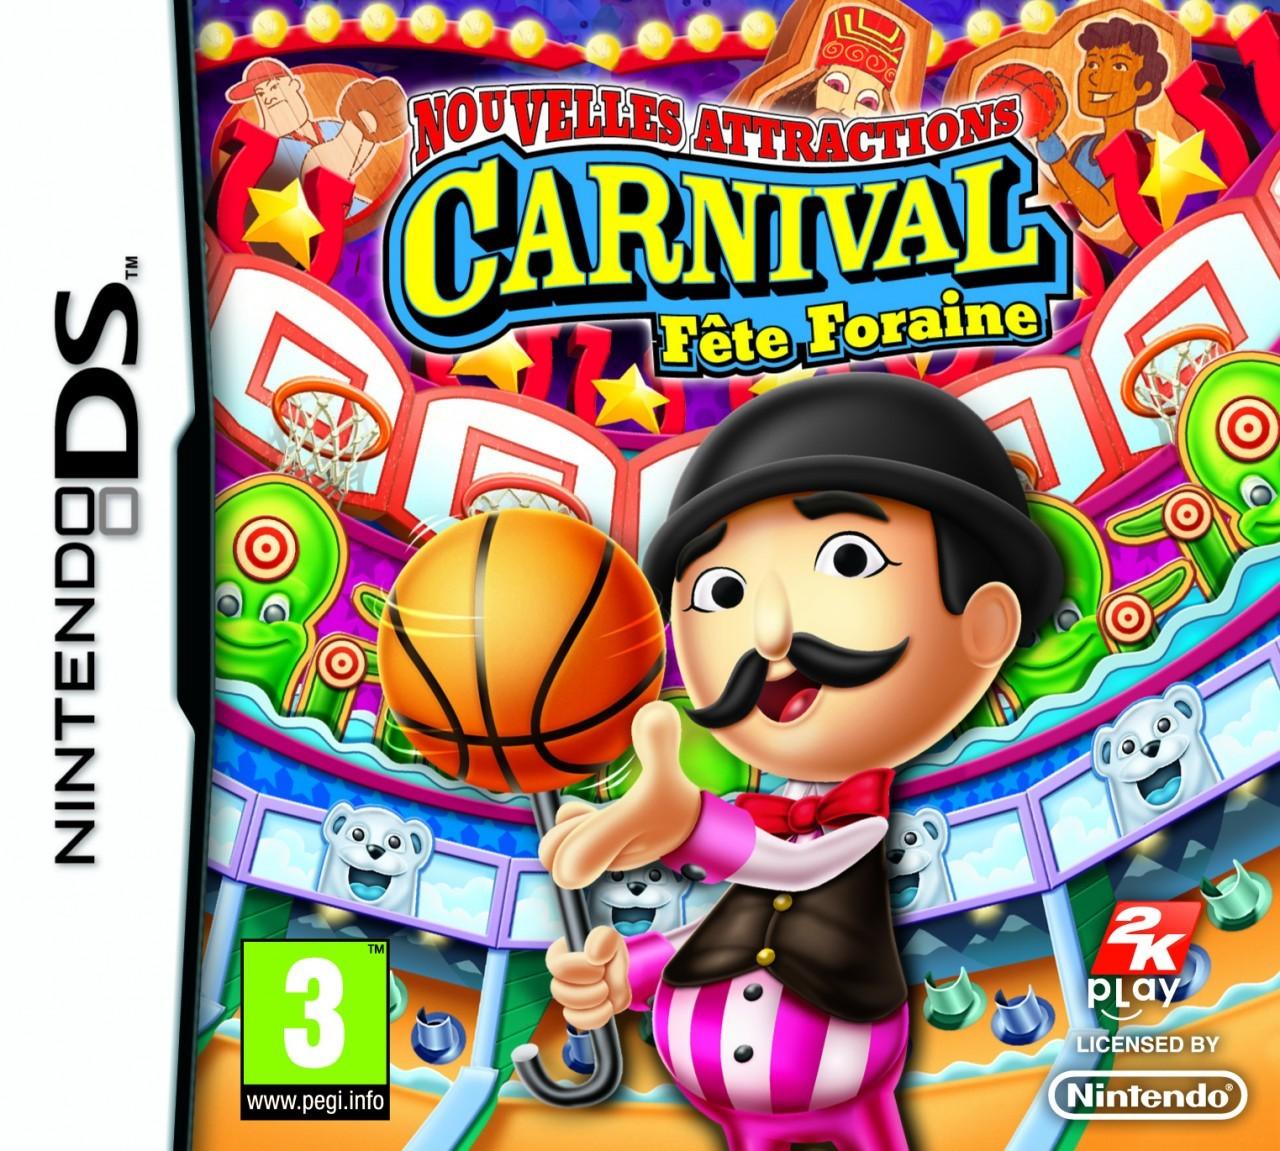 Carnival Fête Foraine : Nouvelles Attractions